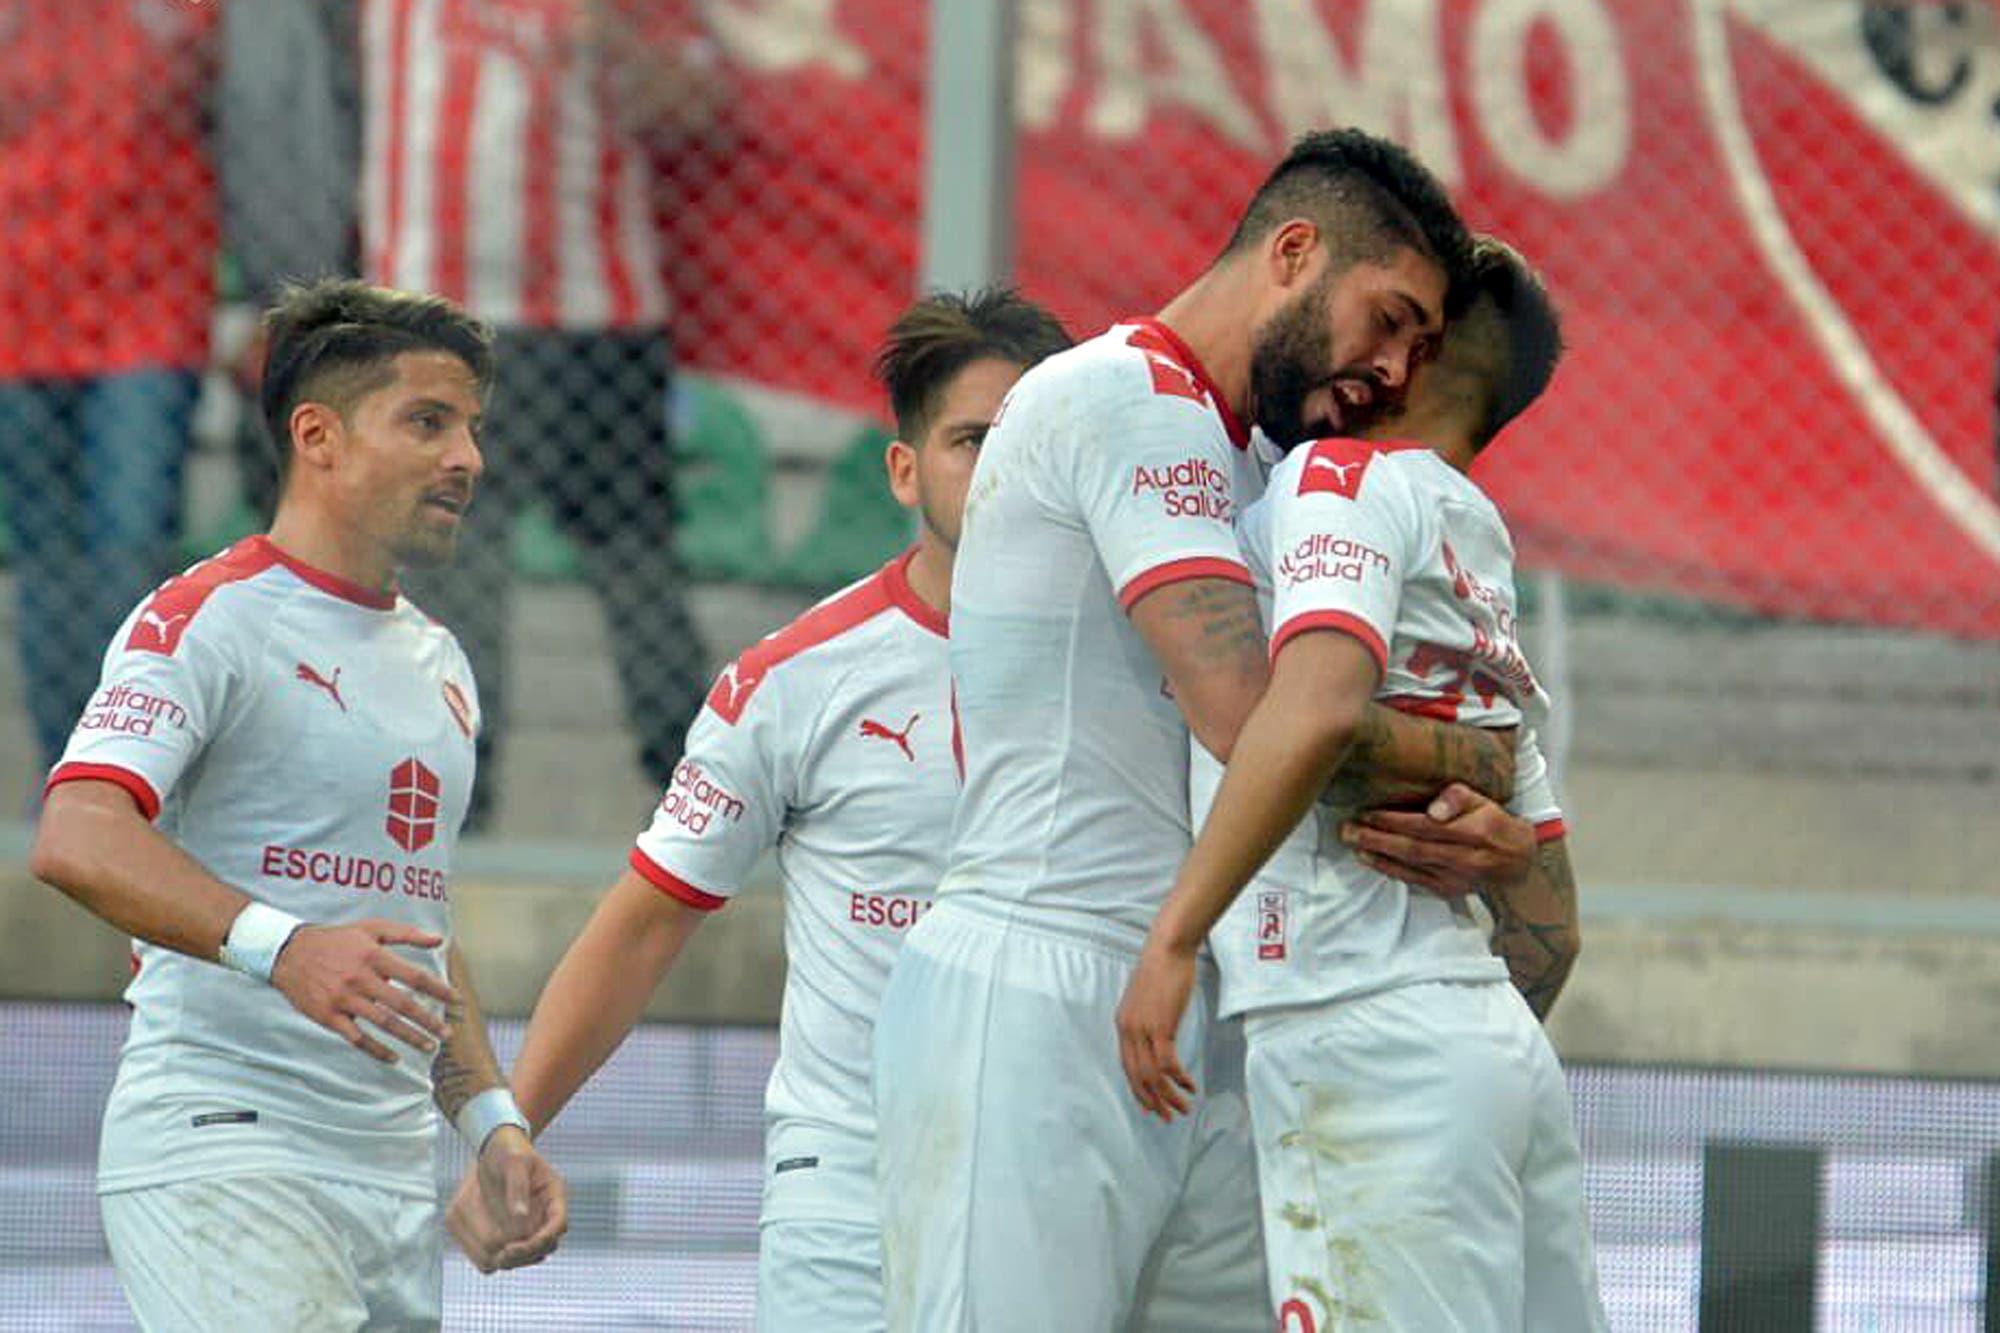 Independiente-Patronato, por la Copa Argentina: el Rojo ganó y avanzó a los octavos de final